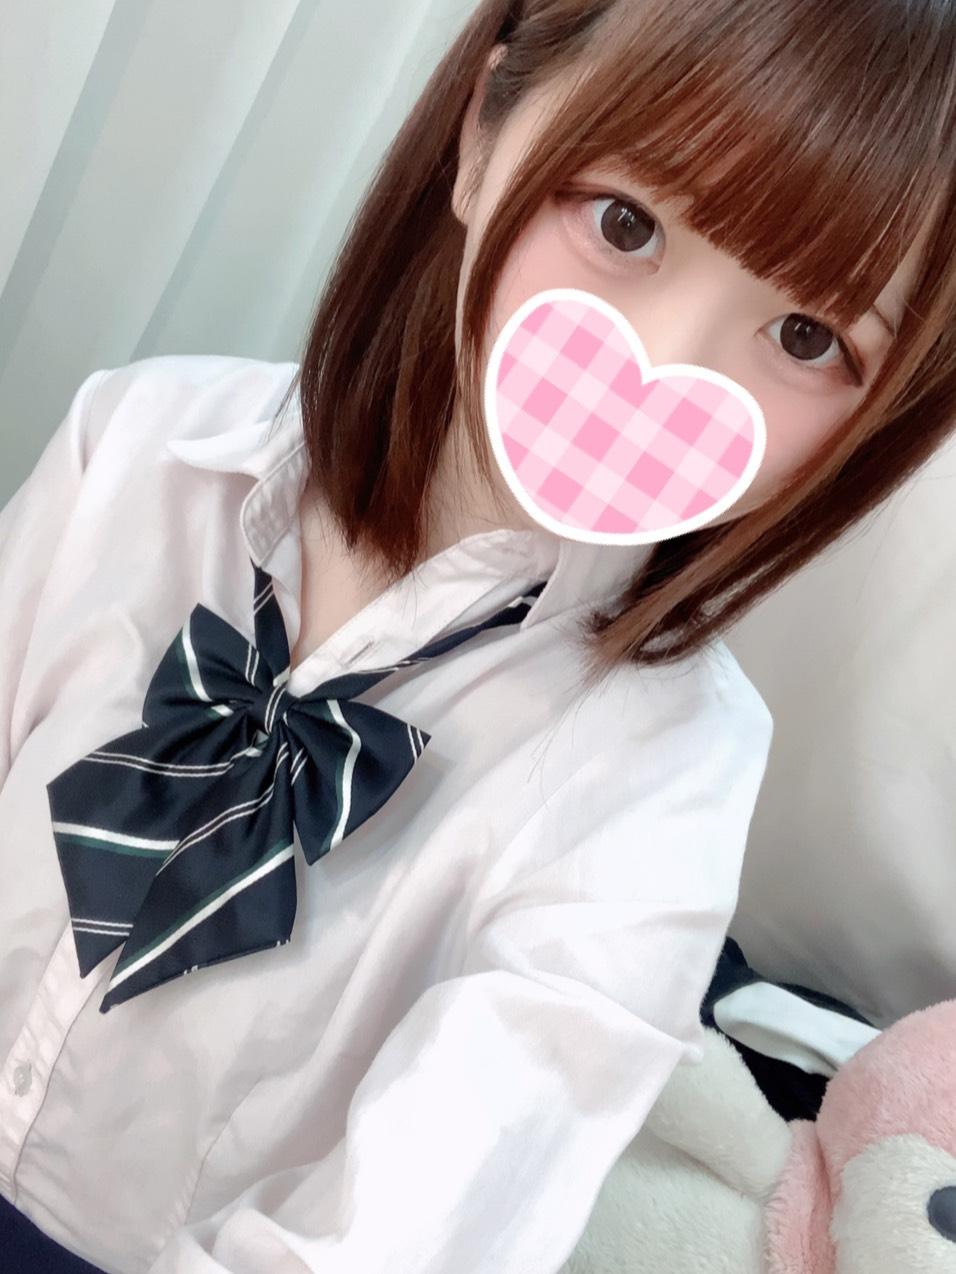 7/12本入店初日 みずな